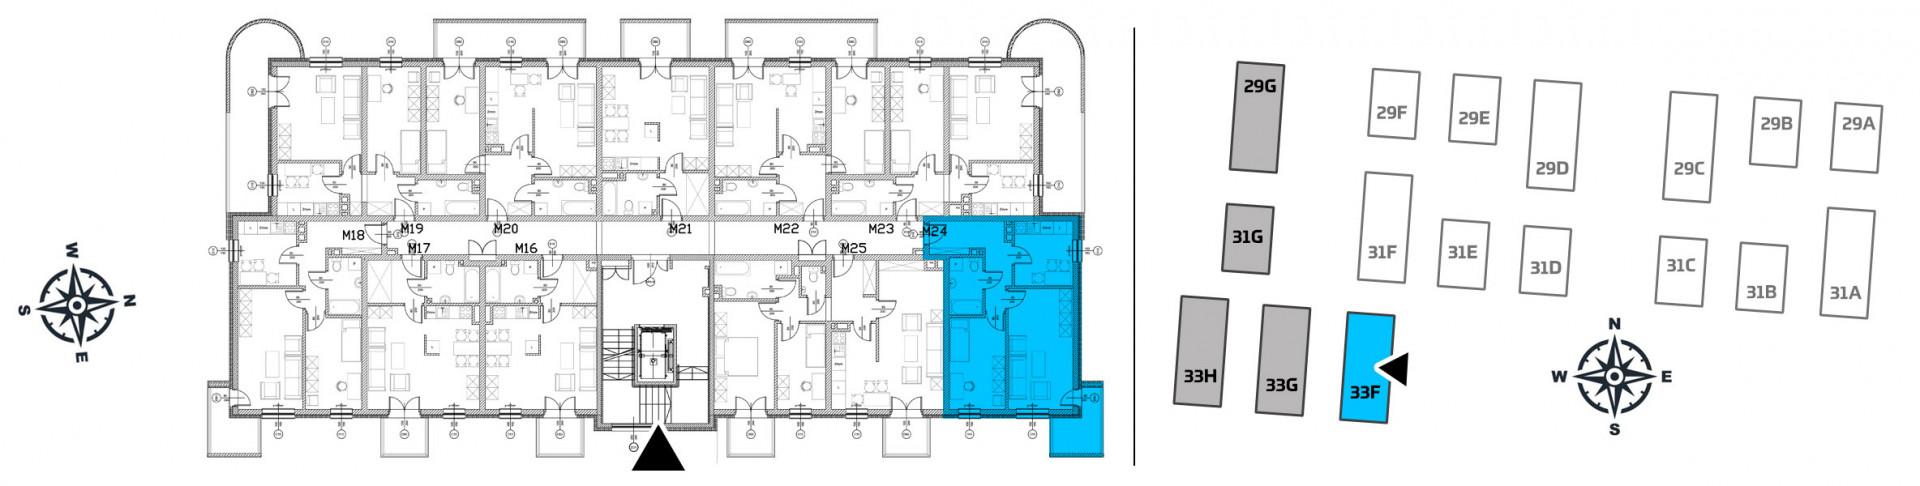 Mieszkanie dwupokojowe 33F/24 rzut 2